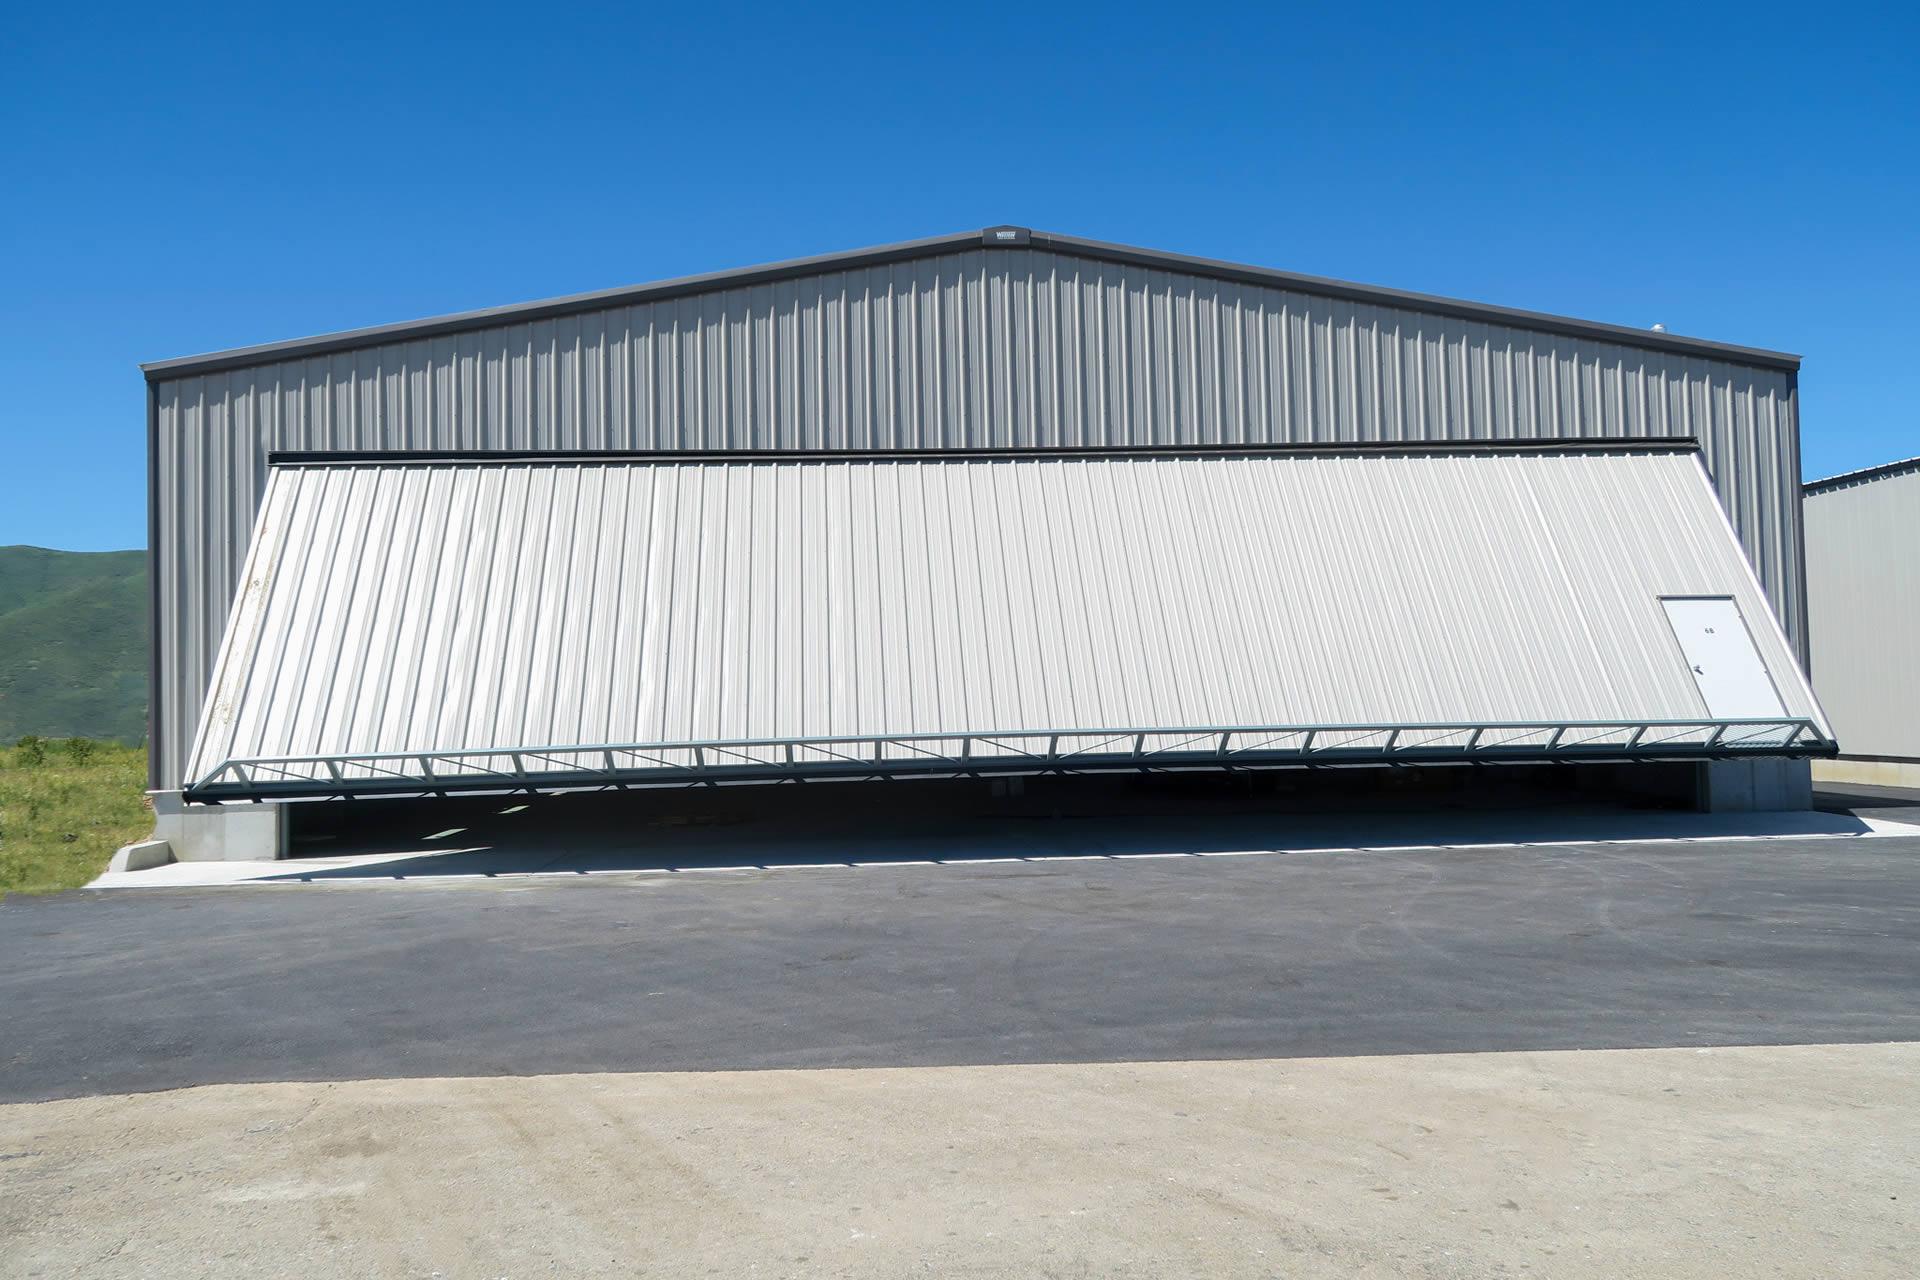 Eight Hangar Doors